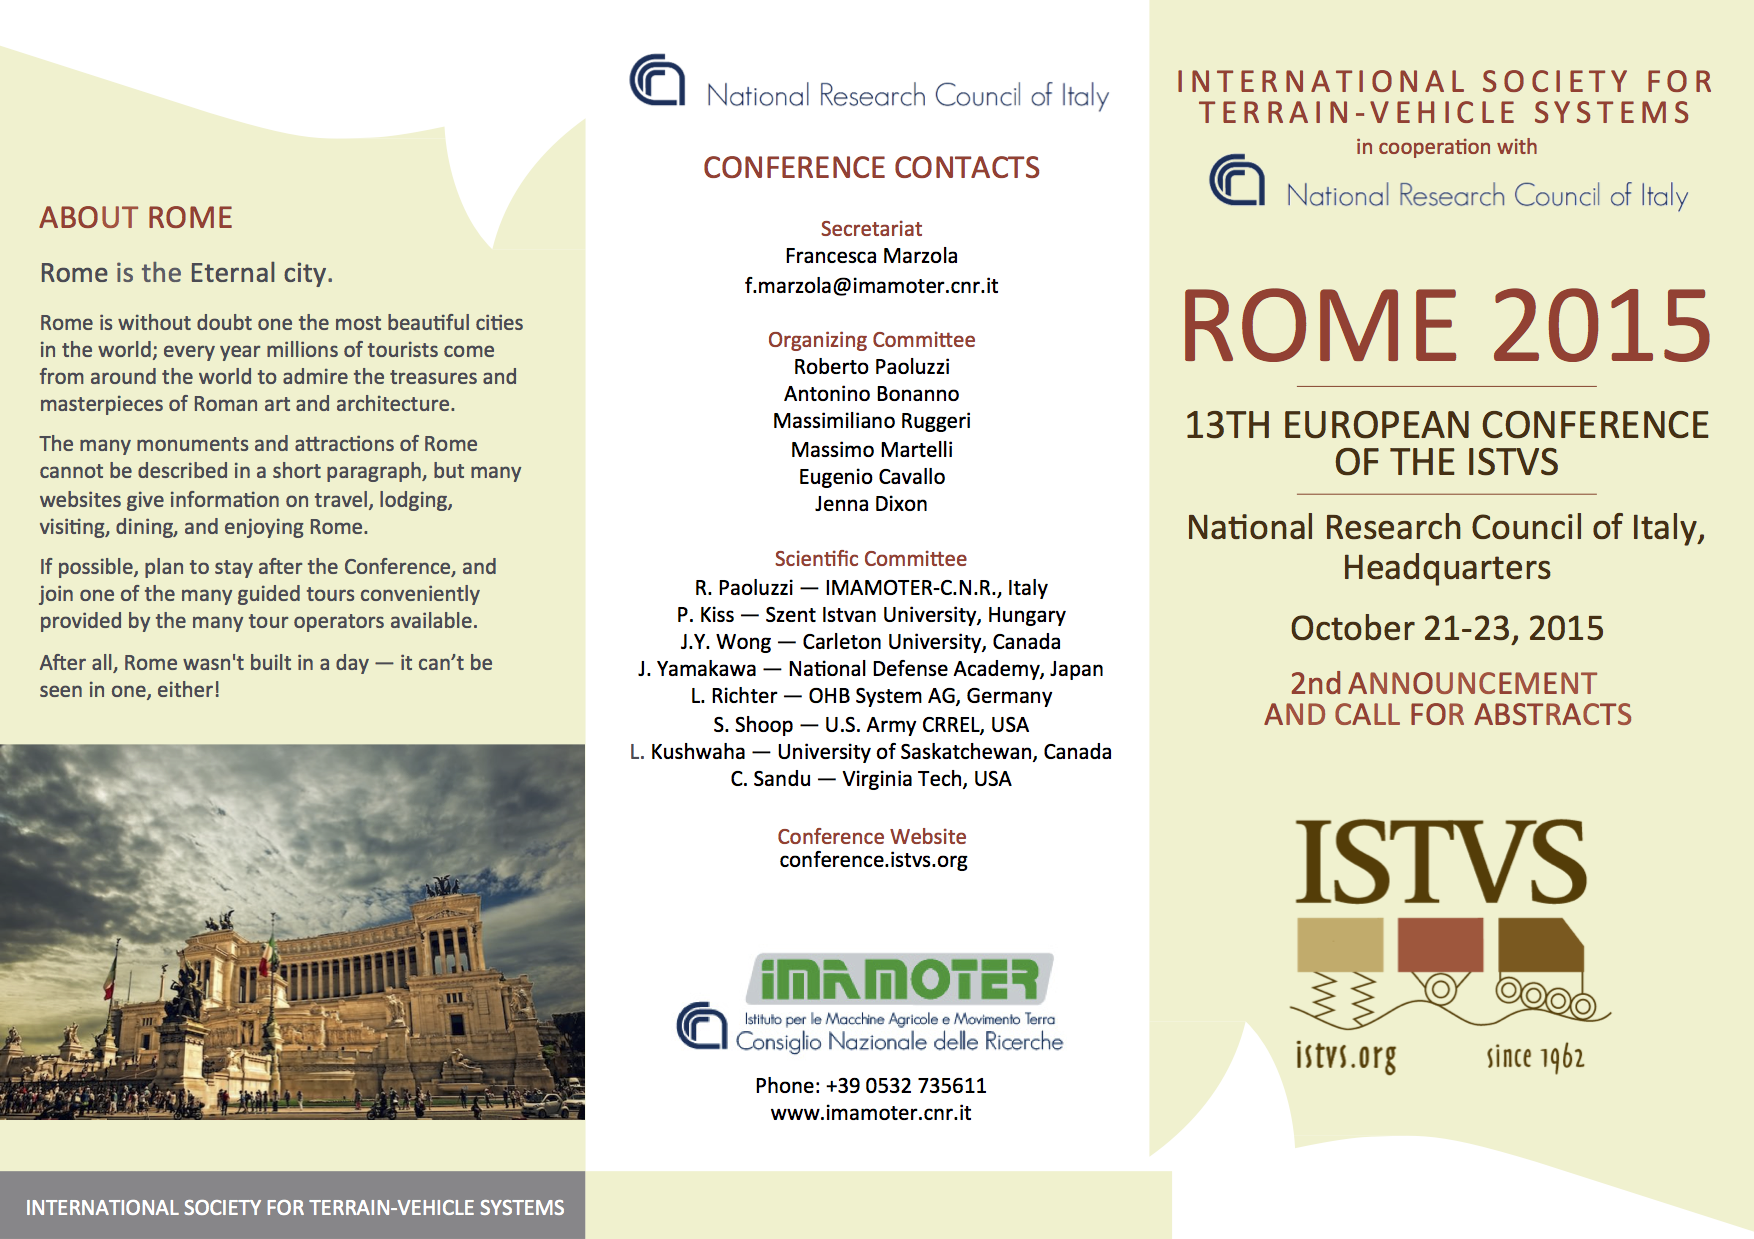 brochure_ISTVS2015ROME_rev13JAN2015_p1.png